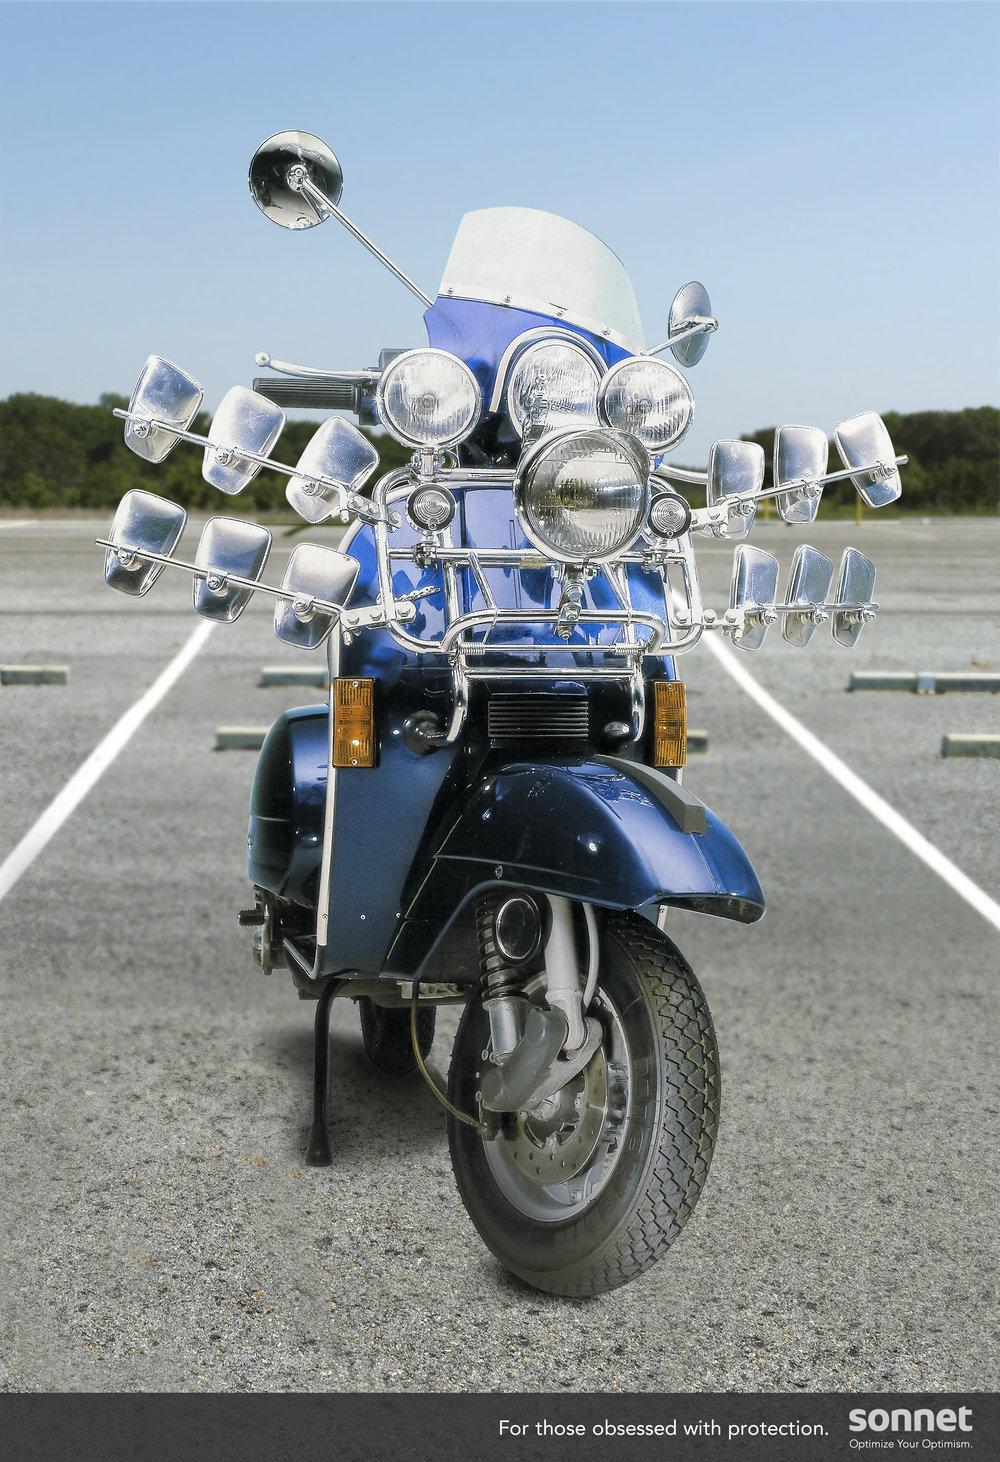 new blurred motorcycle.jpg